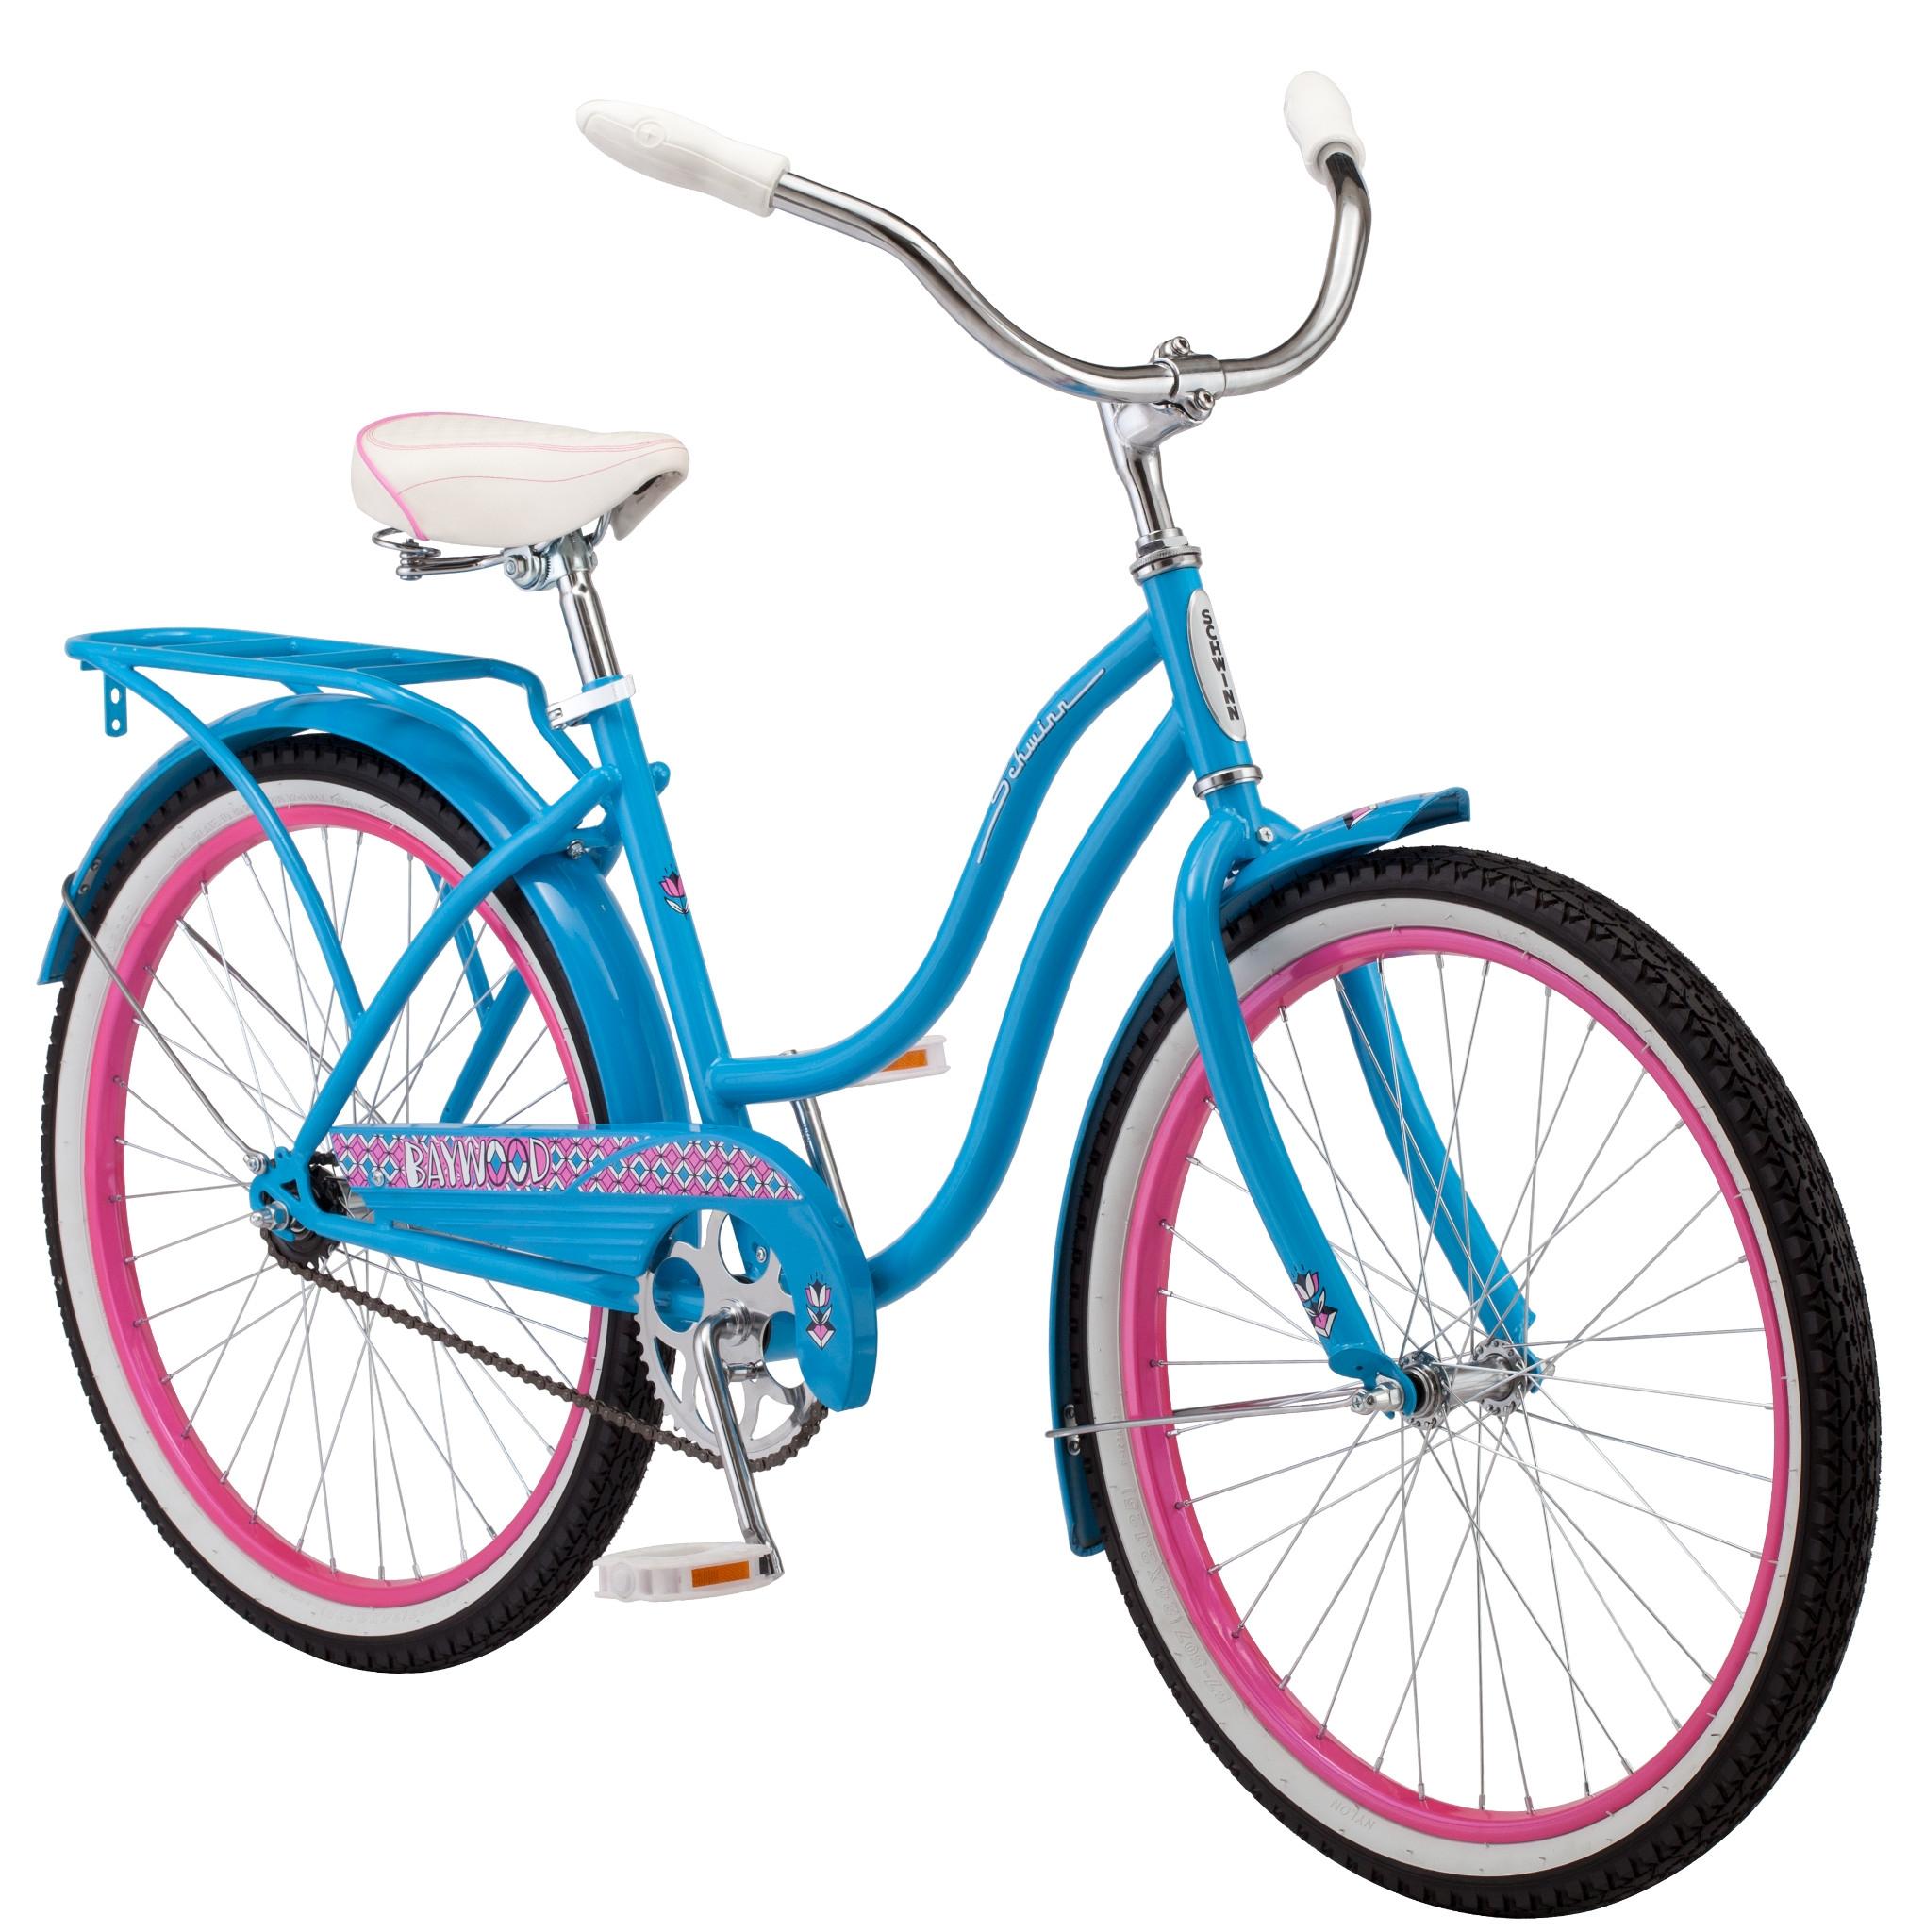 Where Would A Water Bottle Holder Be On A Schwinn Cruiser Bike